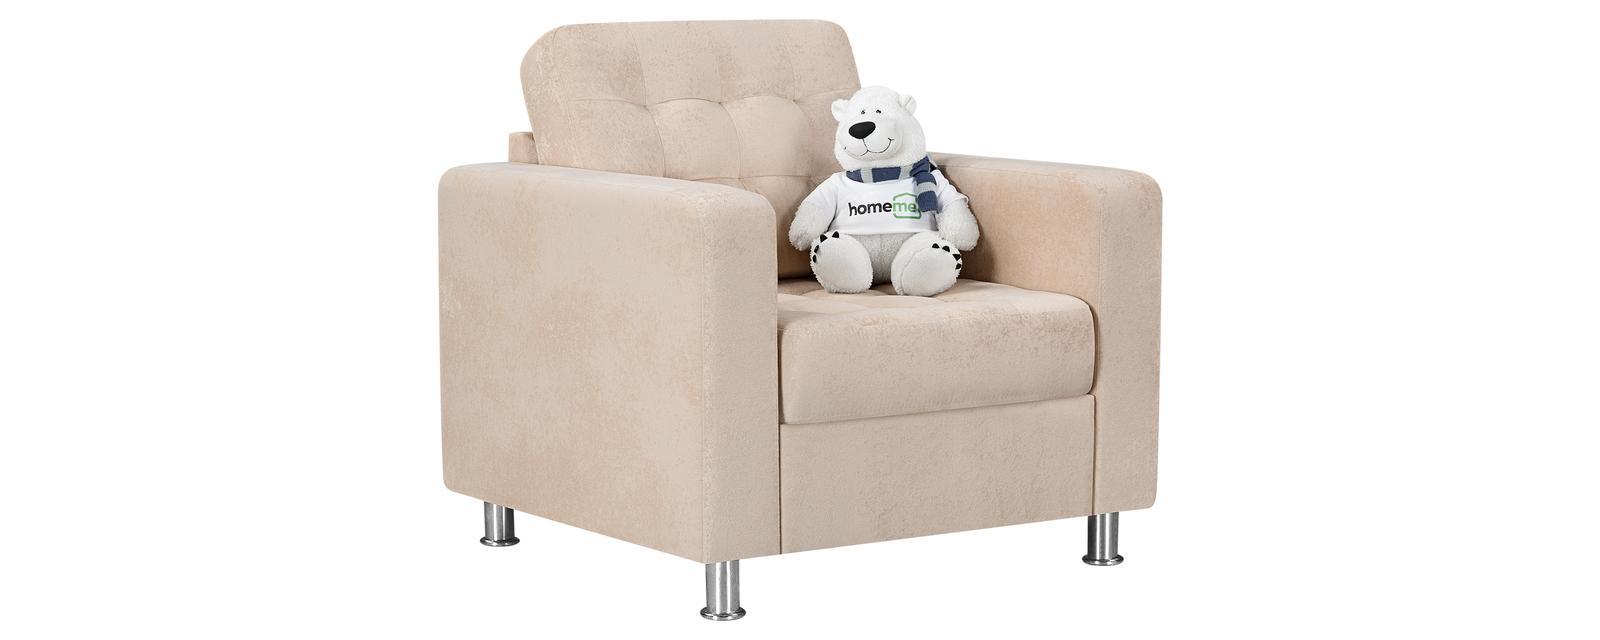 Кресло HomeMe Камелот от Homeme.ru